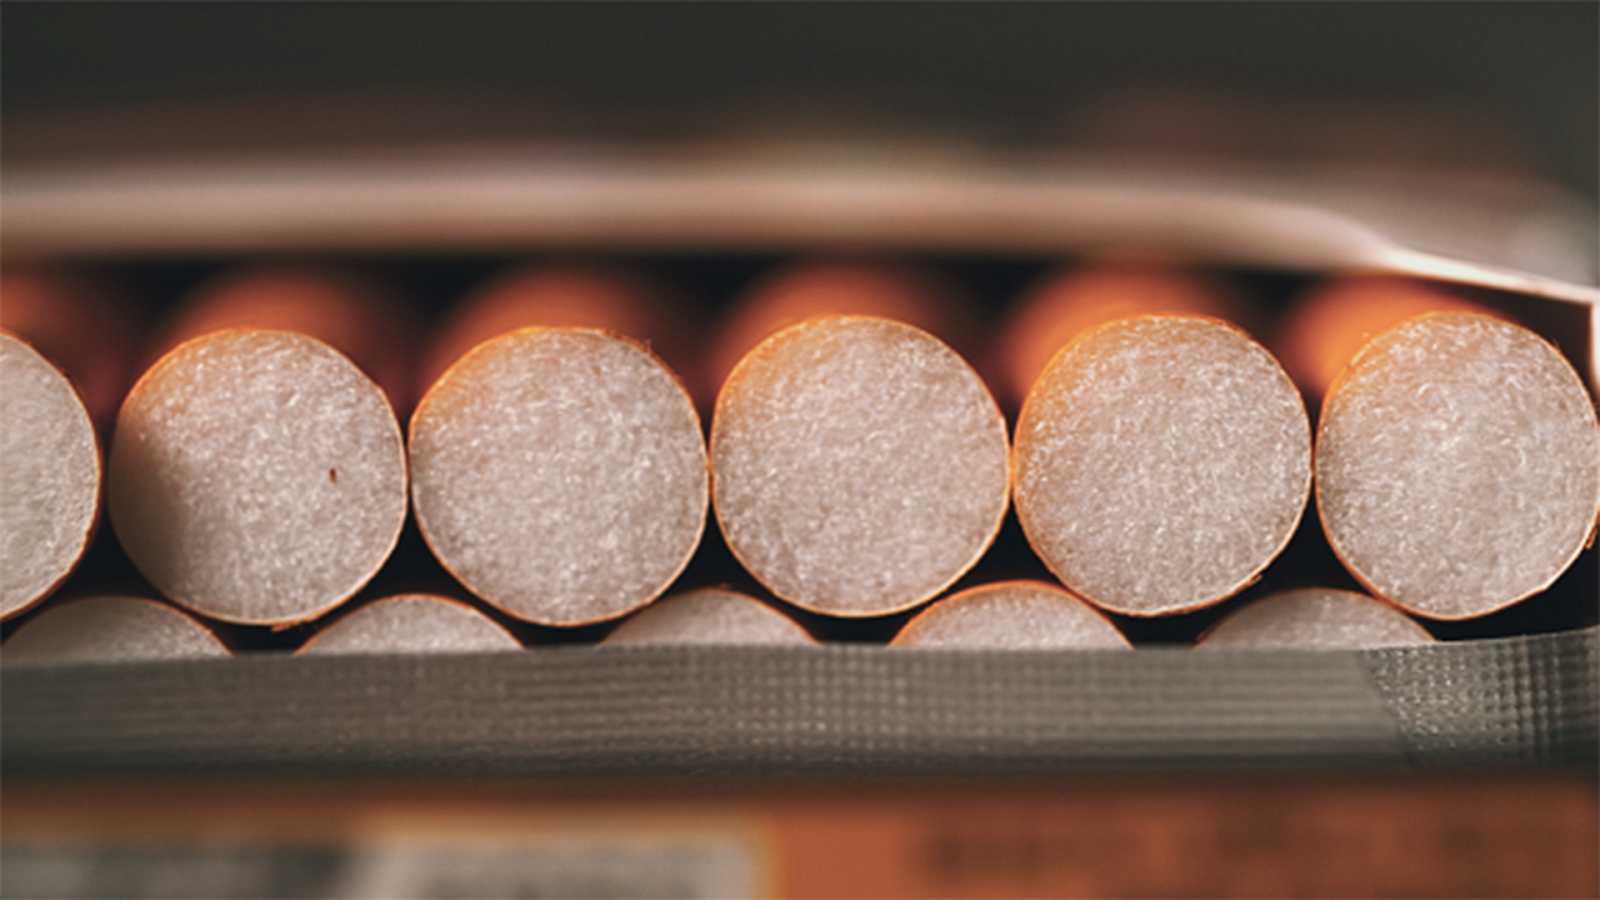 La noche temática - Tabaco, industria de las mentiras - ver ahora